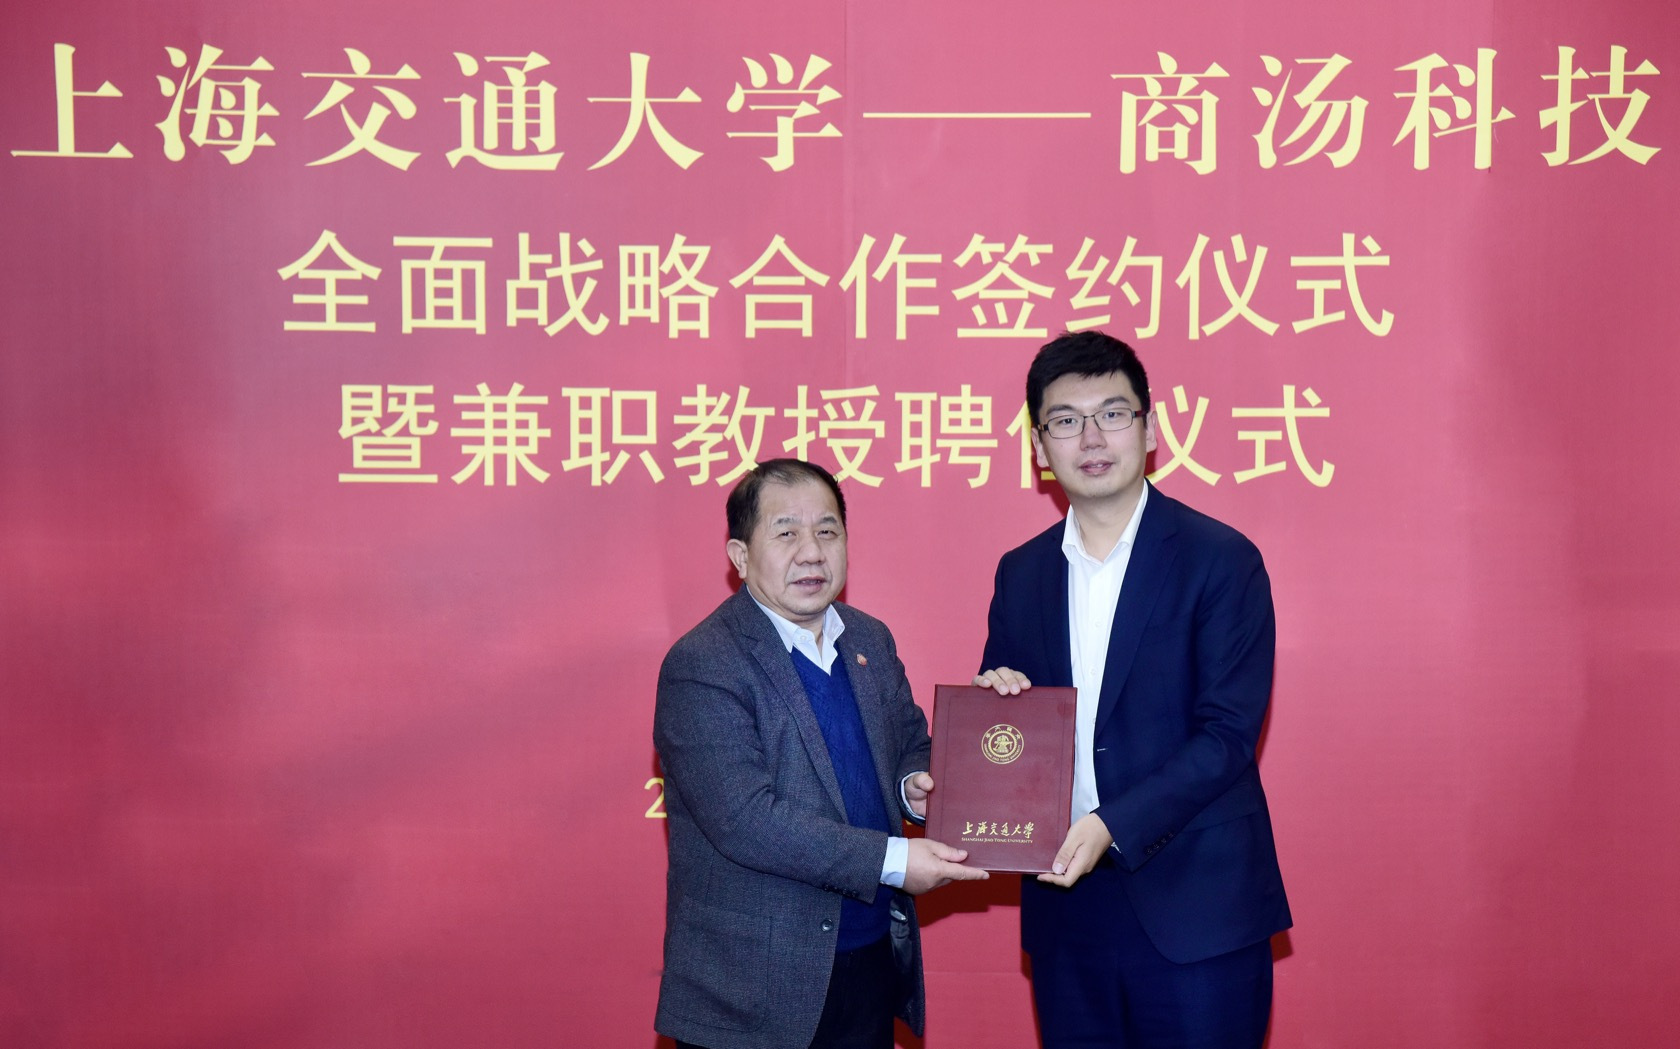 商汤科技与上海交通大学达成全面战略合作 CEO徐立获聘兼职教授